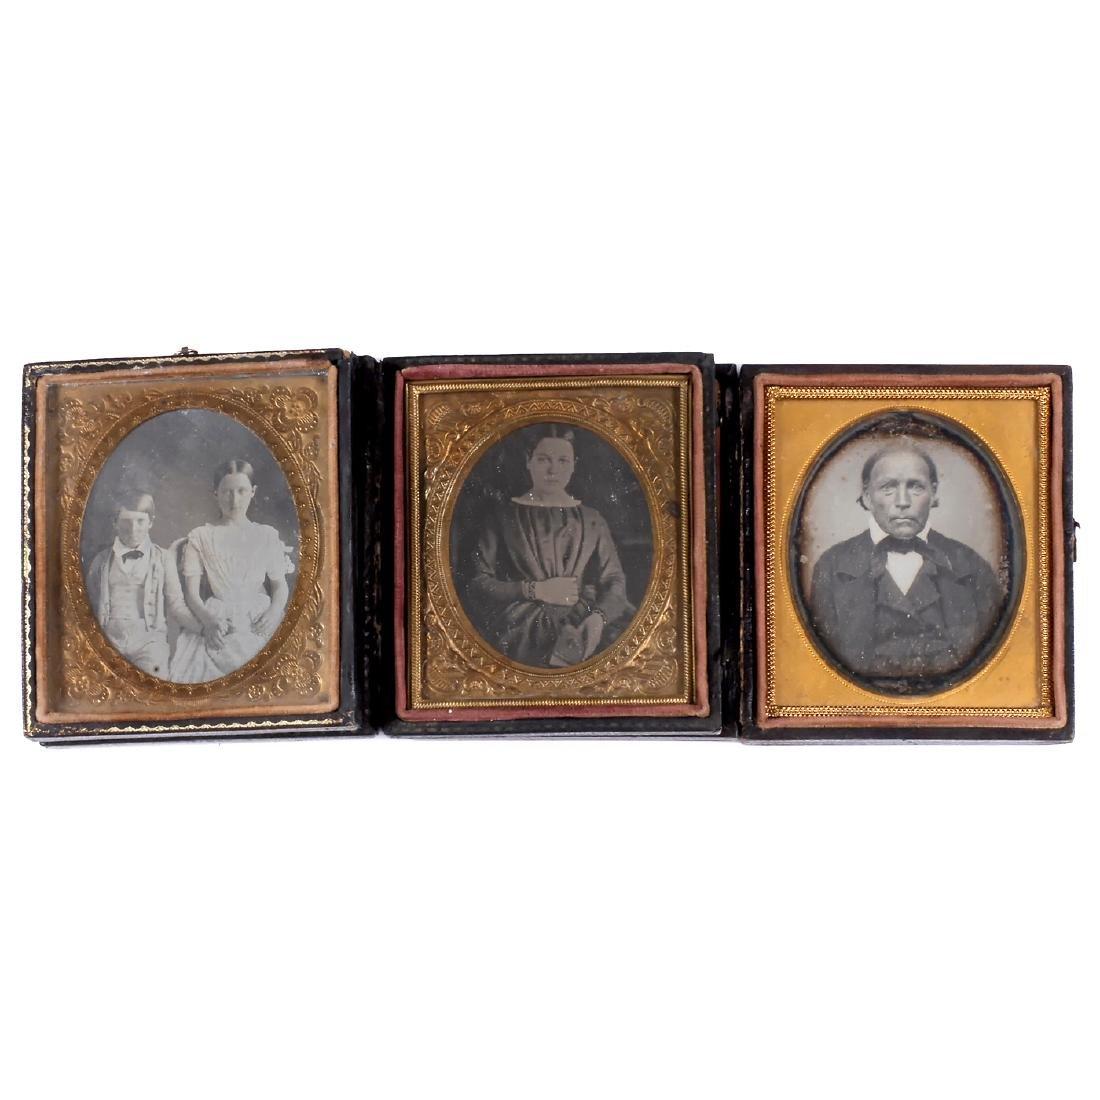 3 Daguerreotypes, c. 1850